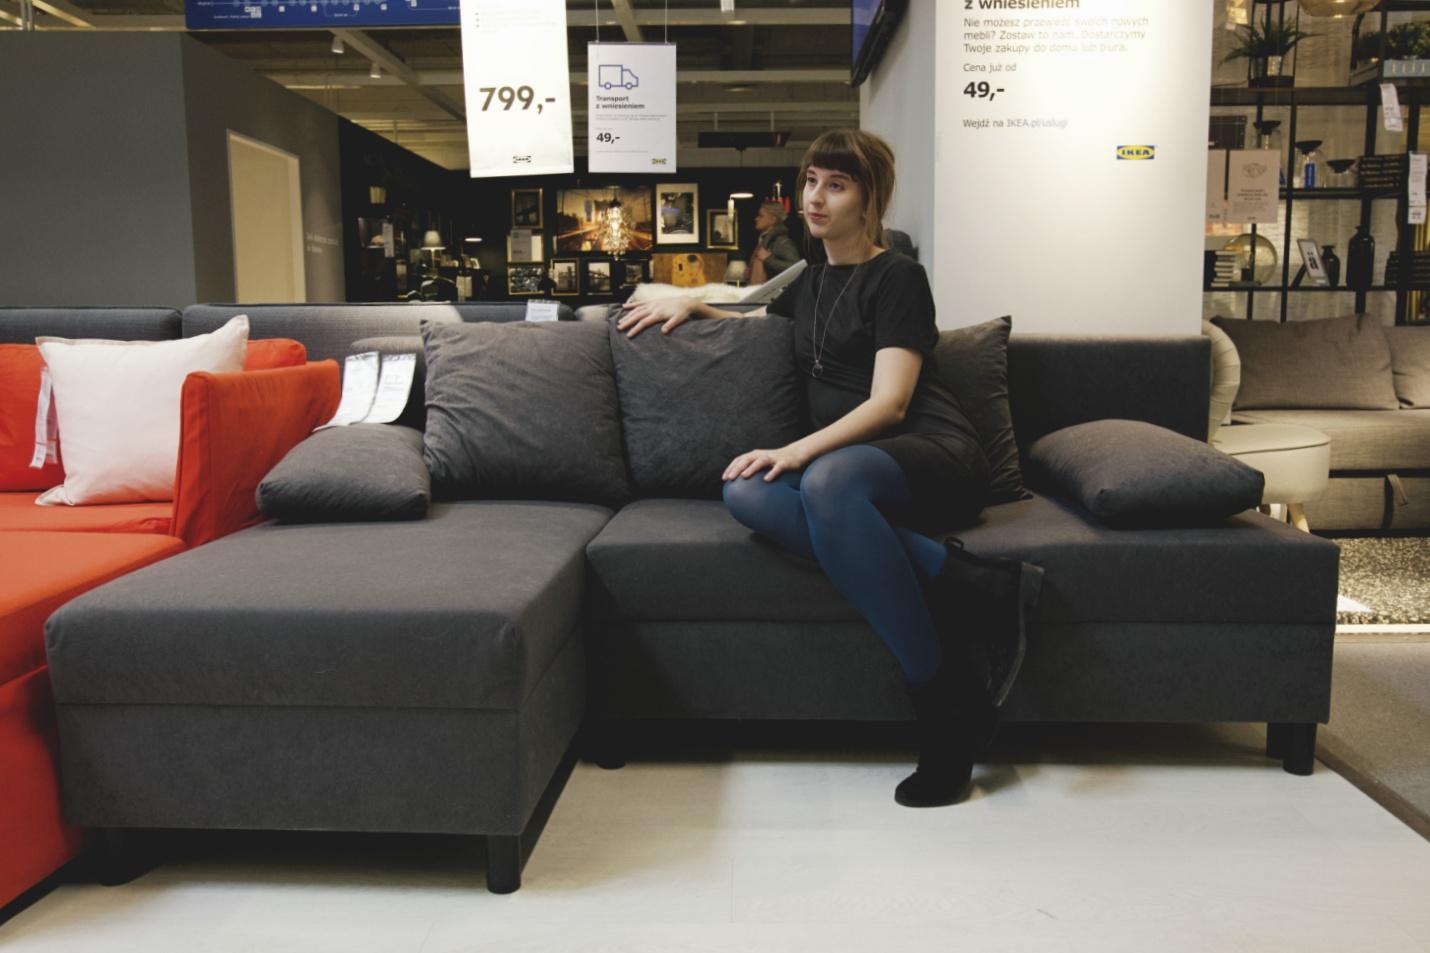 Sofa Rozkładana Do 1000 Zł Wnętrza Zewnętrza Blog